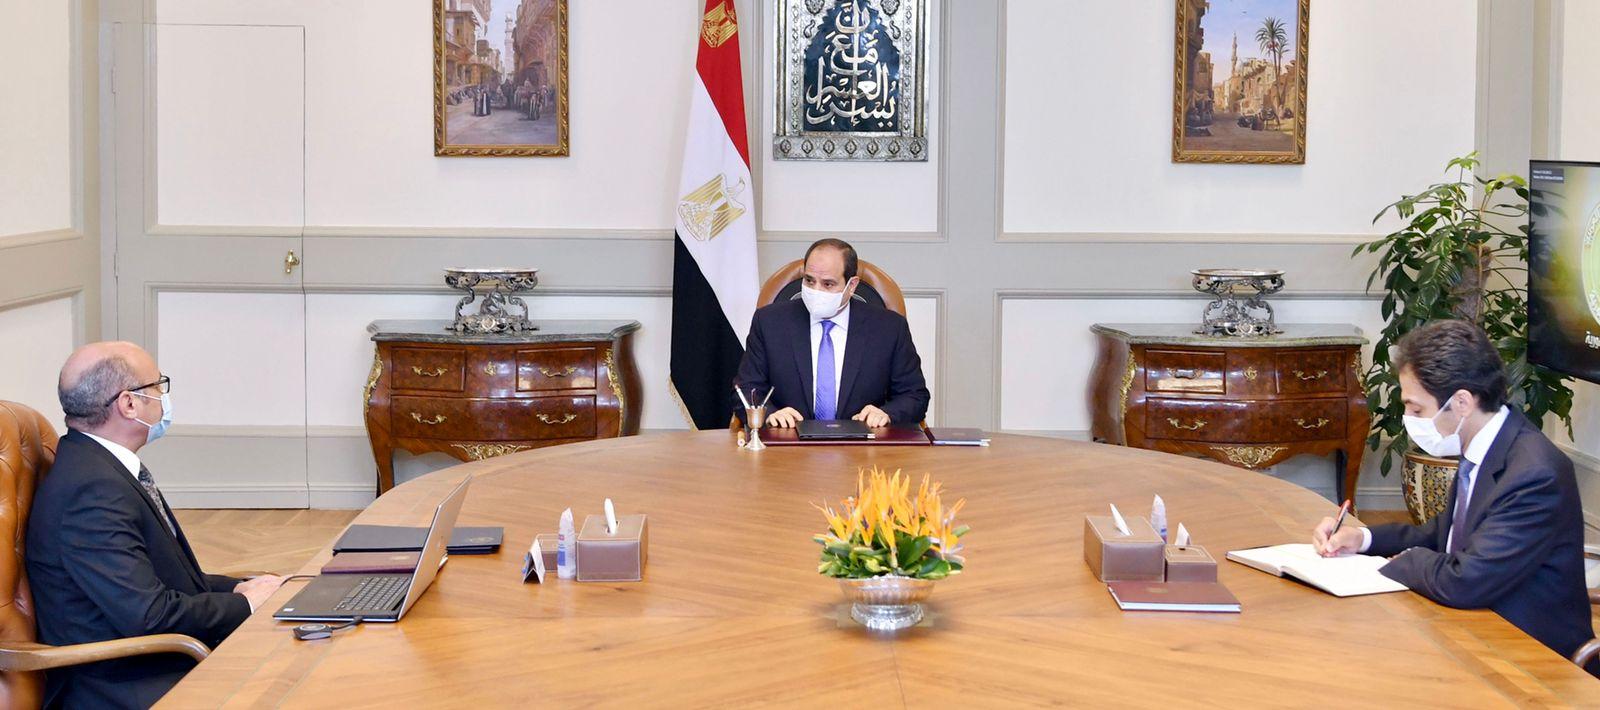 وزير العدل يستعرض ما تم بشأن تنفيذ قرارات اجتماع المجلس الأعلى للهيئات القضائية في يونيو الماضي